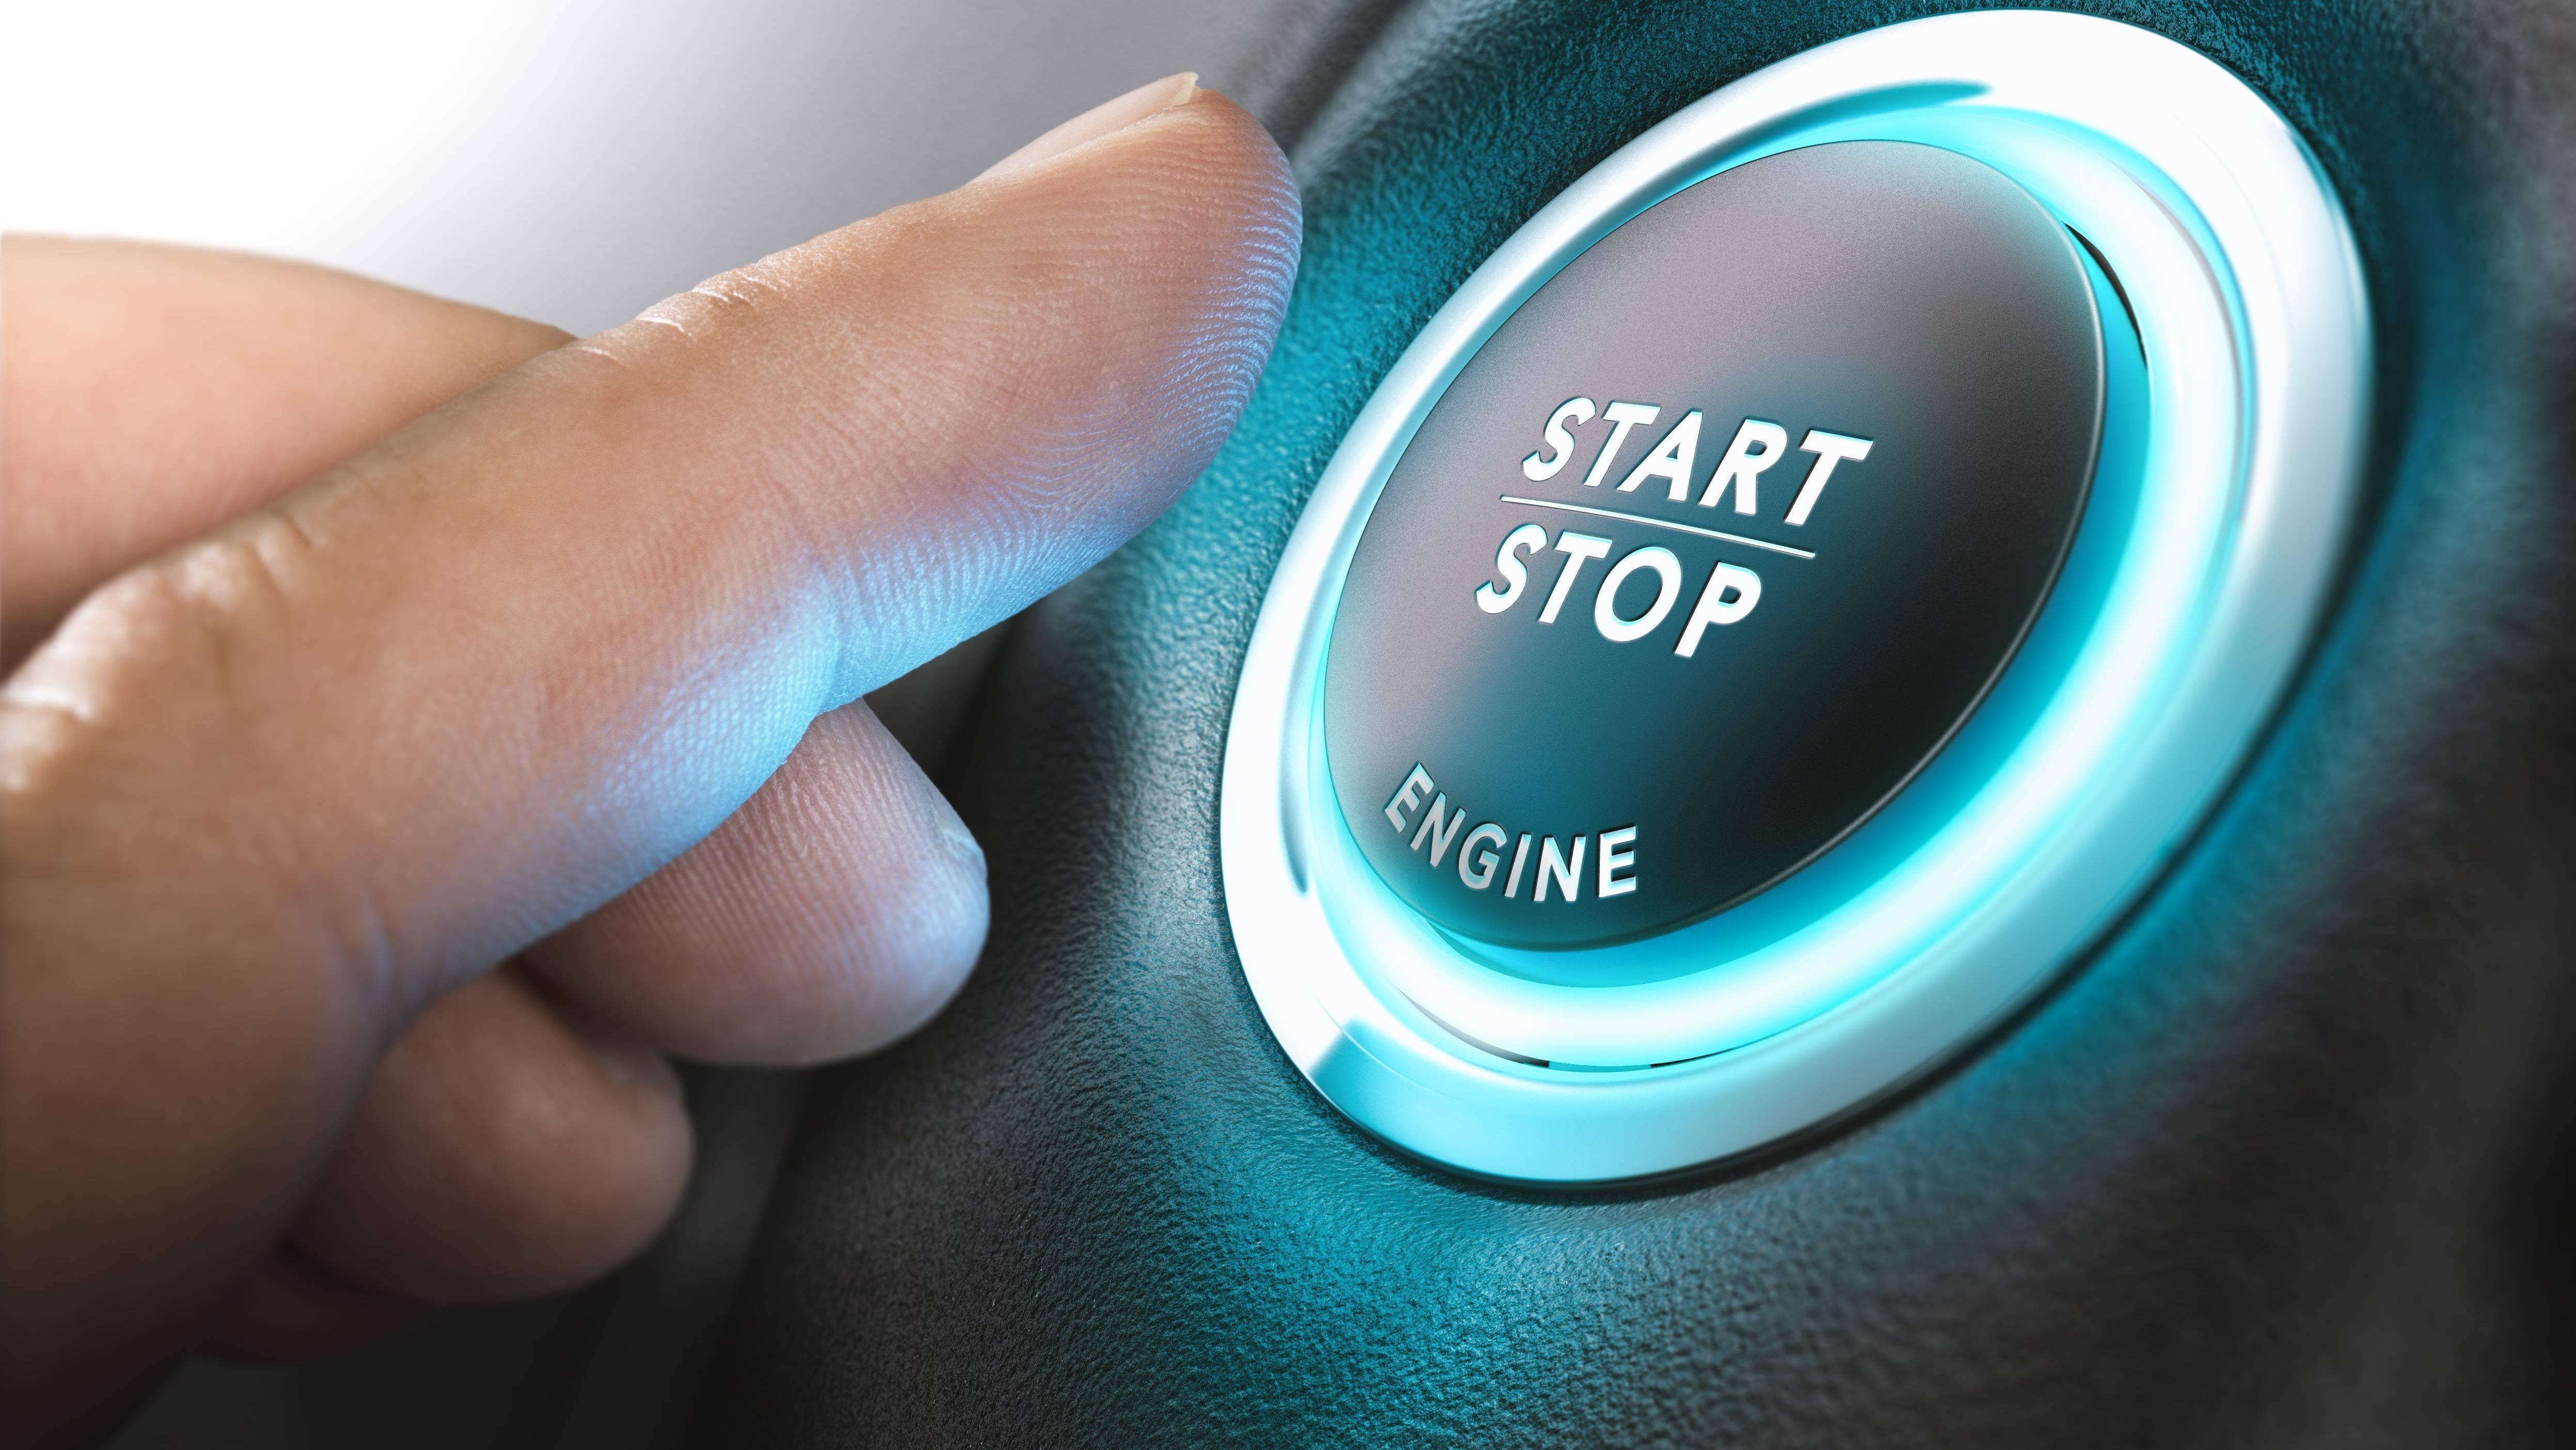 Zählt eigenen Angaben zufolge zu den Pionieren in der Start-/Stopp-Technologie: der Batteriehersteller Moll aus Bad Staffelstein.